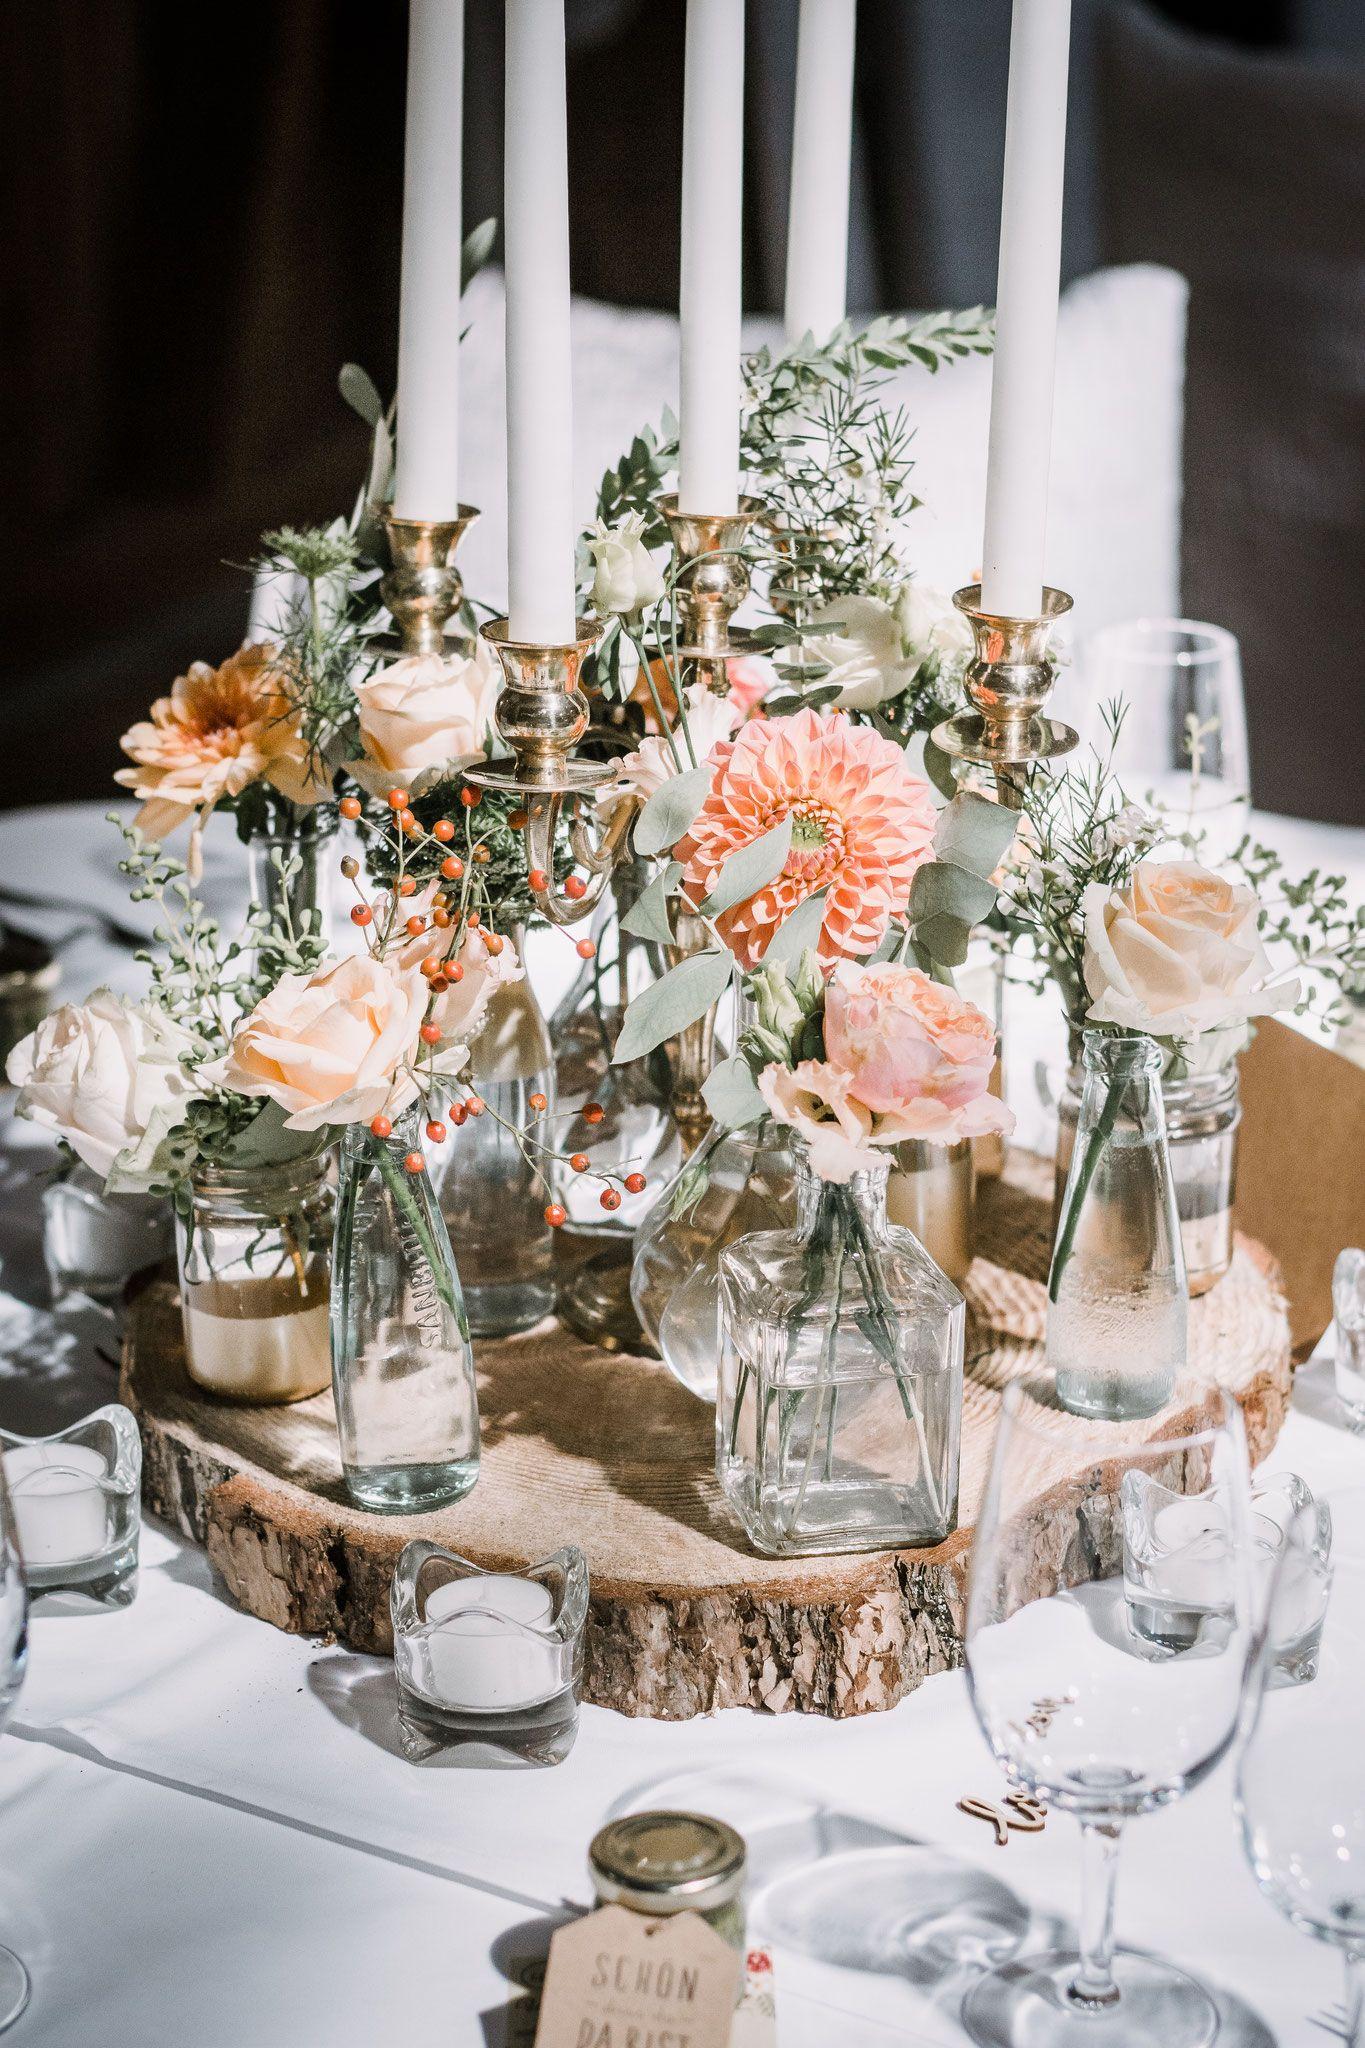 Haga decoraciones de bodas usted mismo con botellas de vidrio viejas